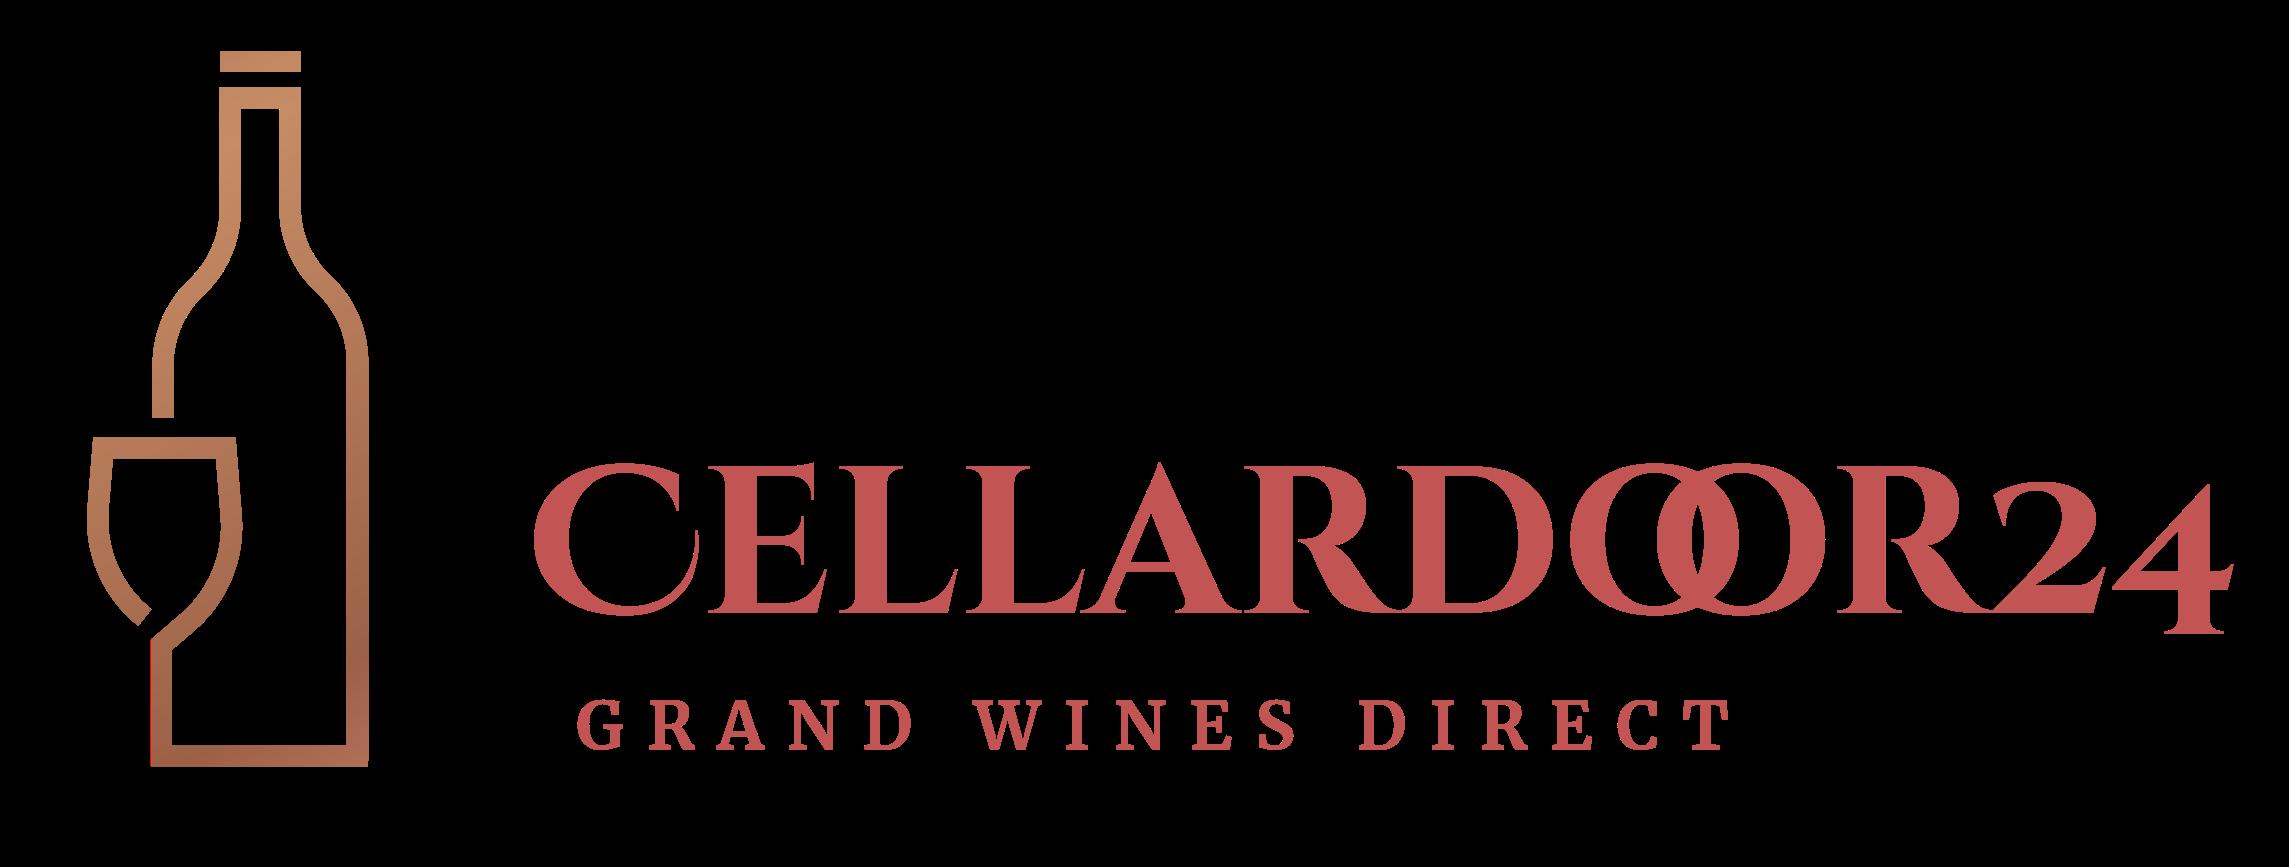 Cellardoor24